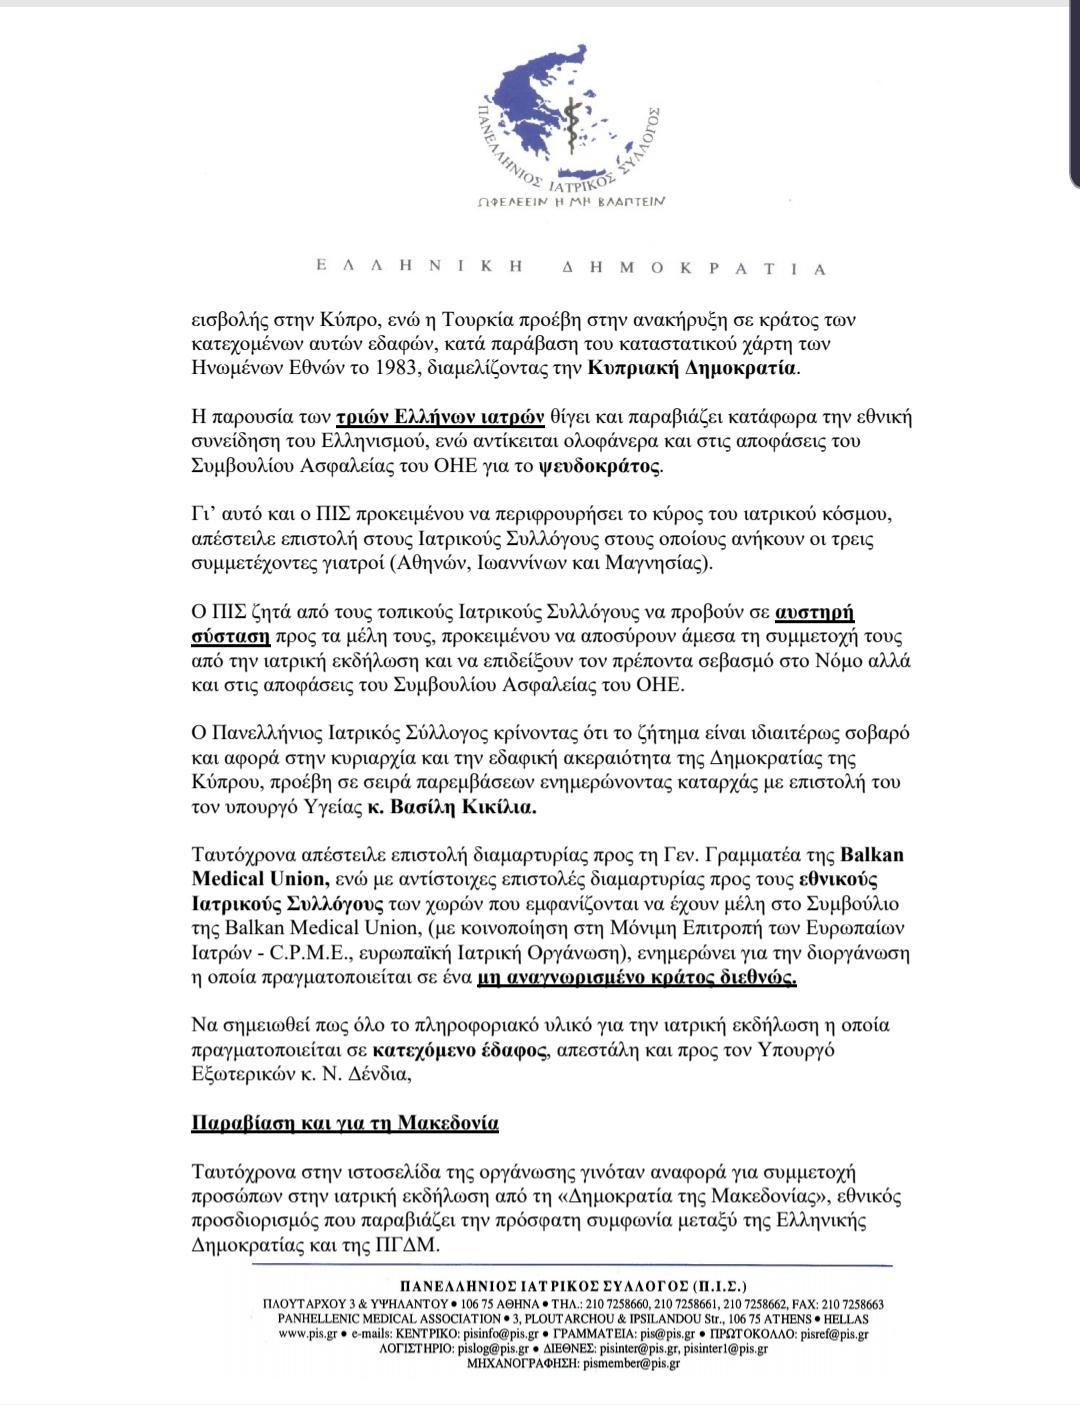 ΠΙΣ για Έλληνες ιατρούς σε συνέδριο στα κατεχόμενα